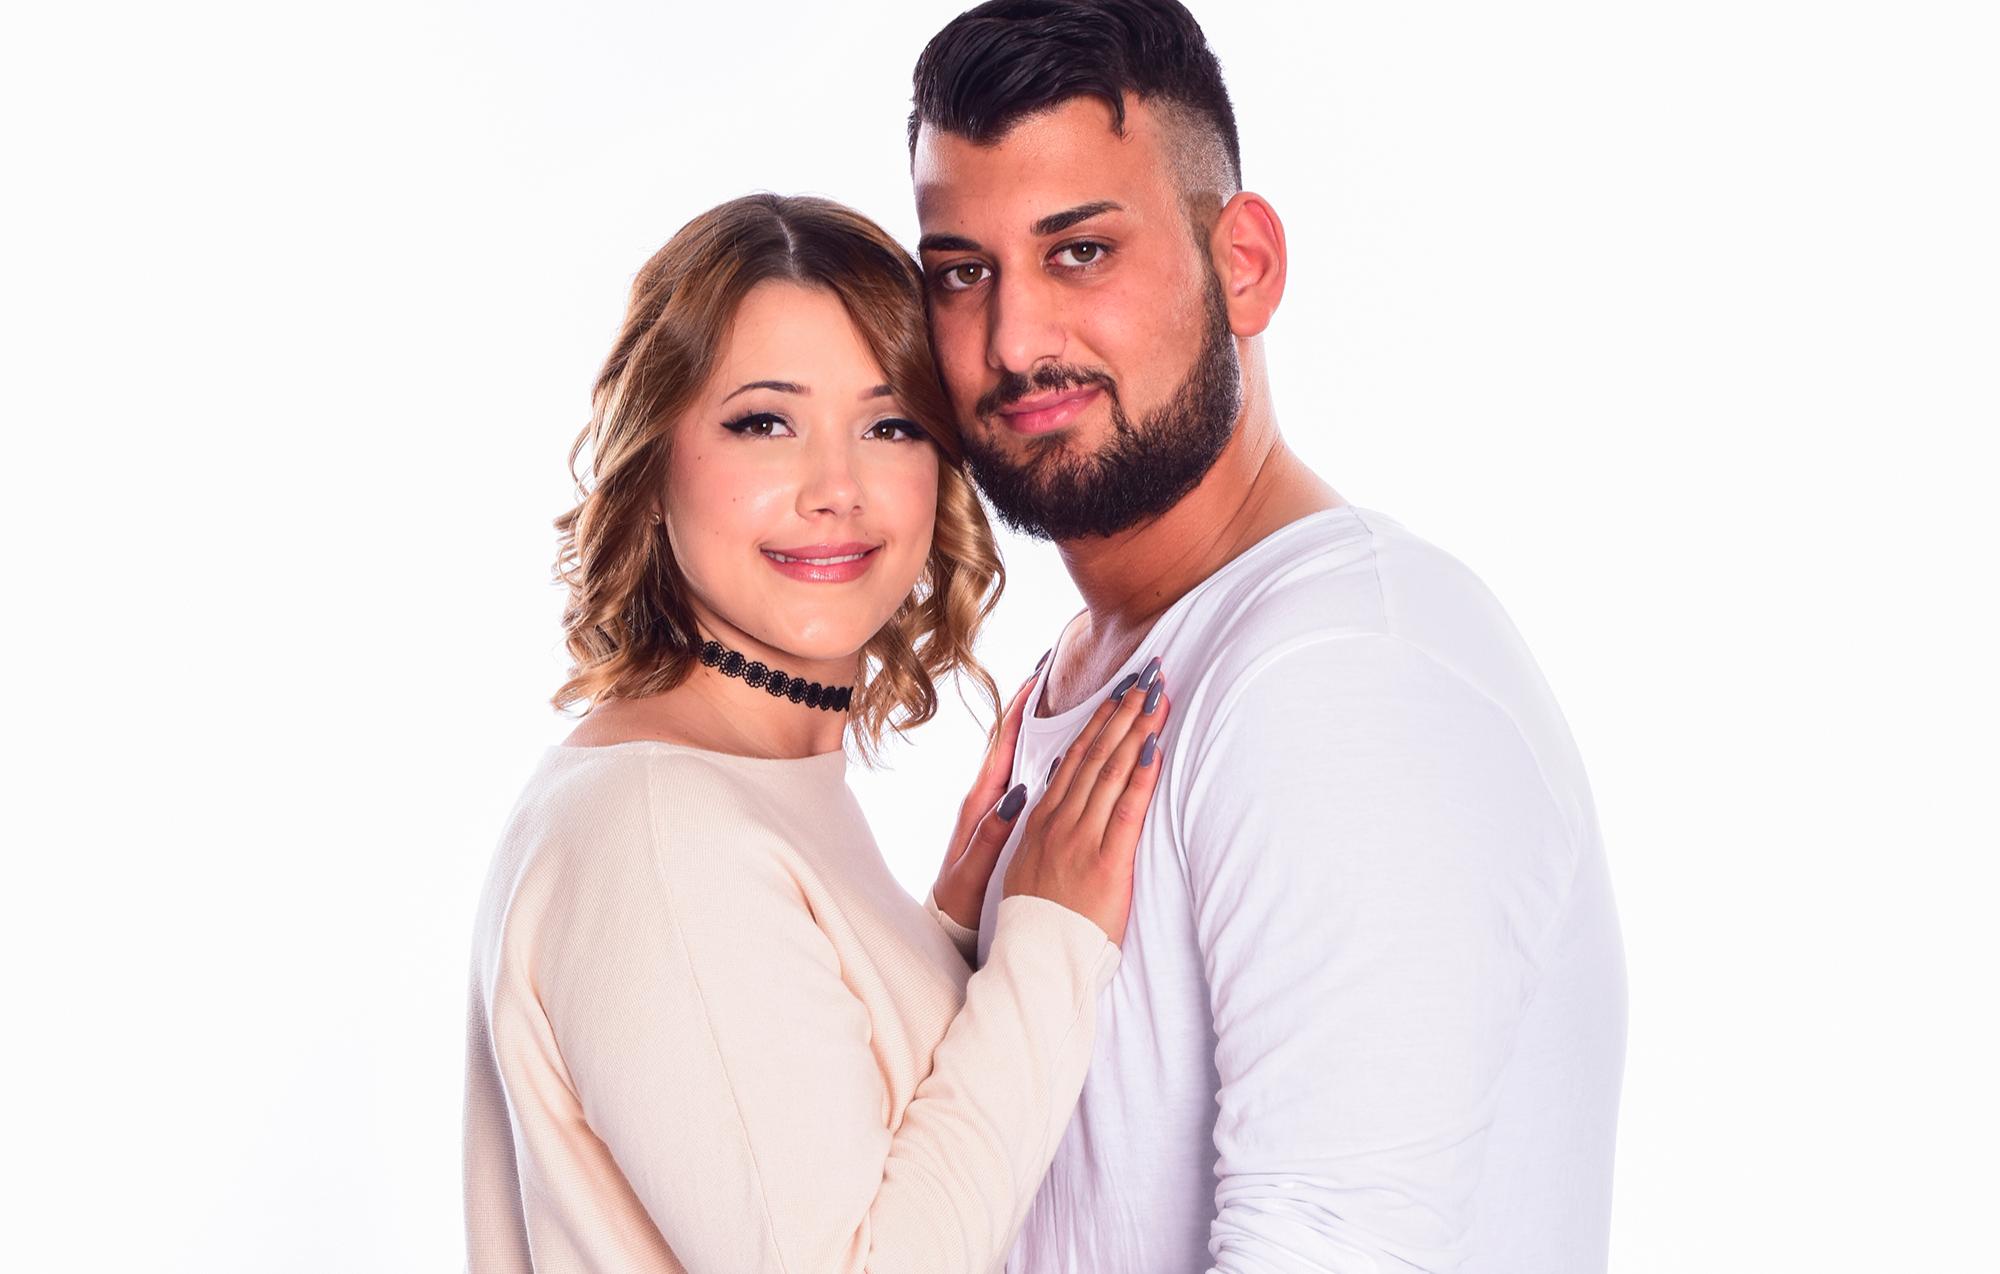 partner-fotoshooting-stralsund-bg2